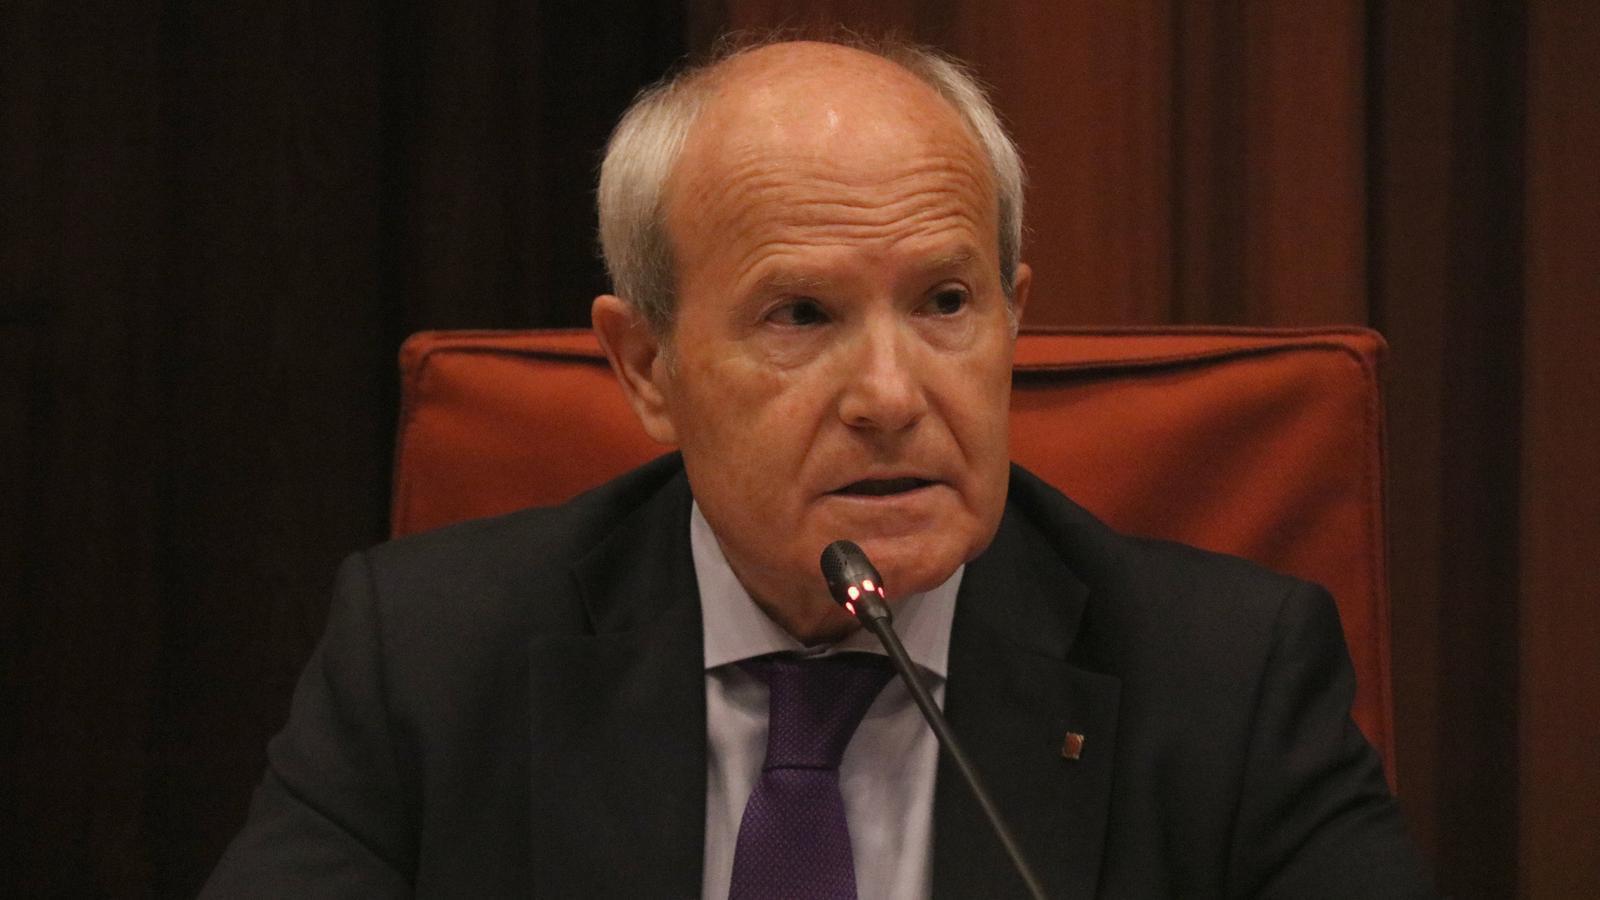 L'expresident de la Generalitat José Montilla durant la seva compareixença a la Comissió d'Investigació sobre el Projecte Castor al Parlament